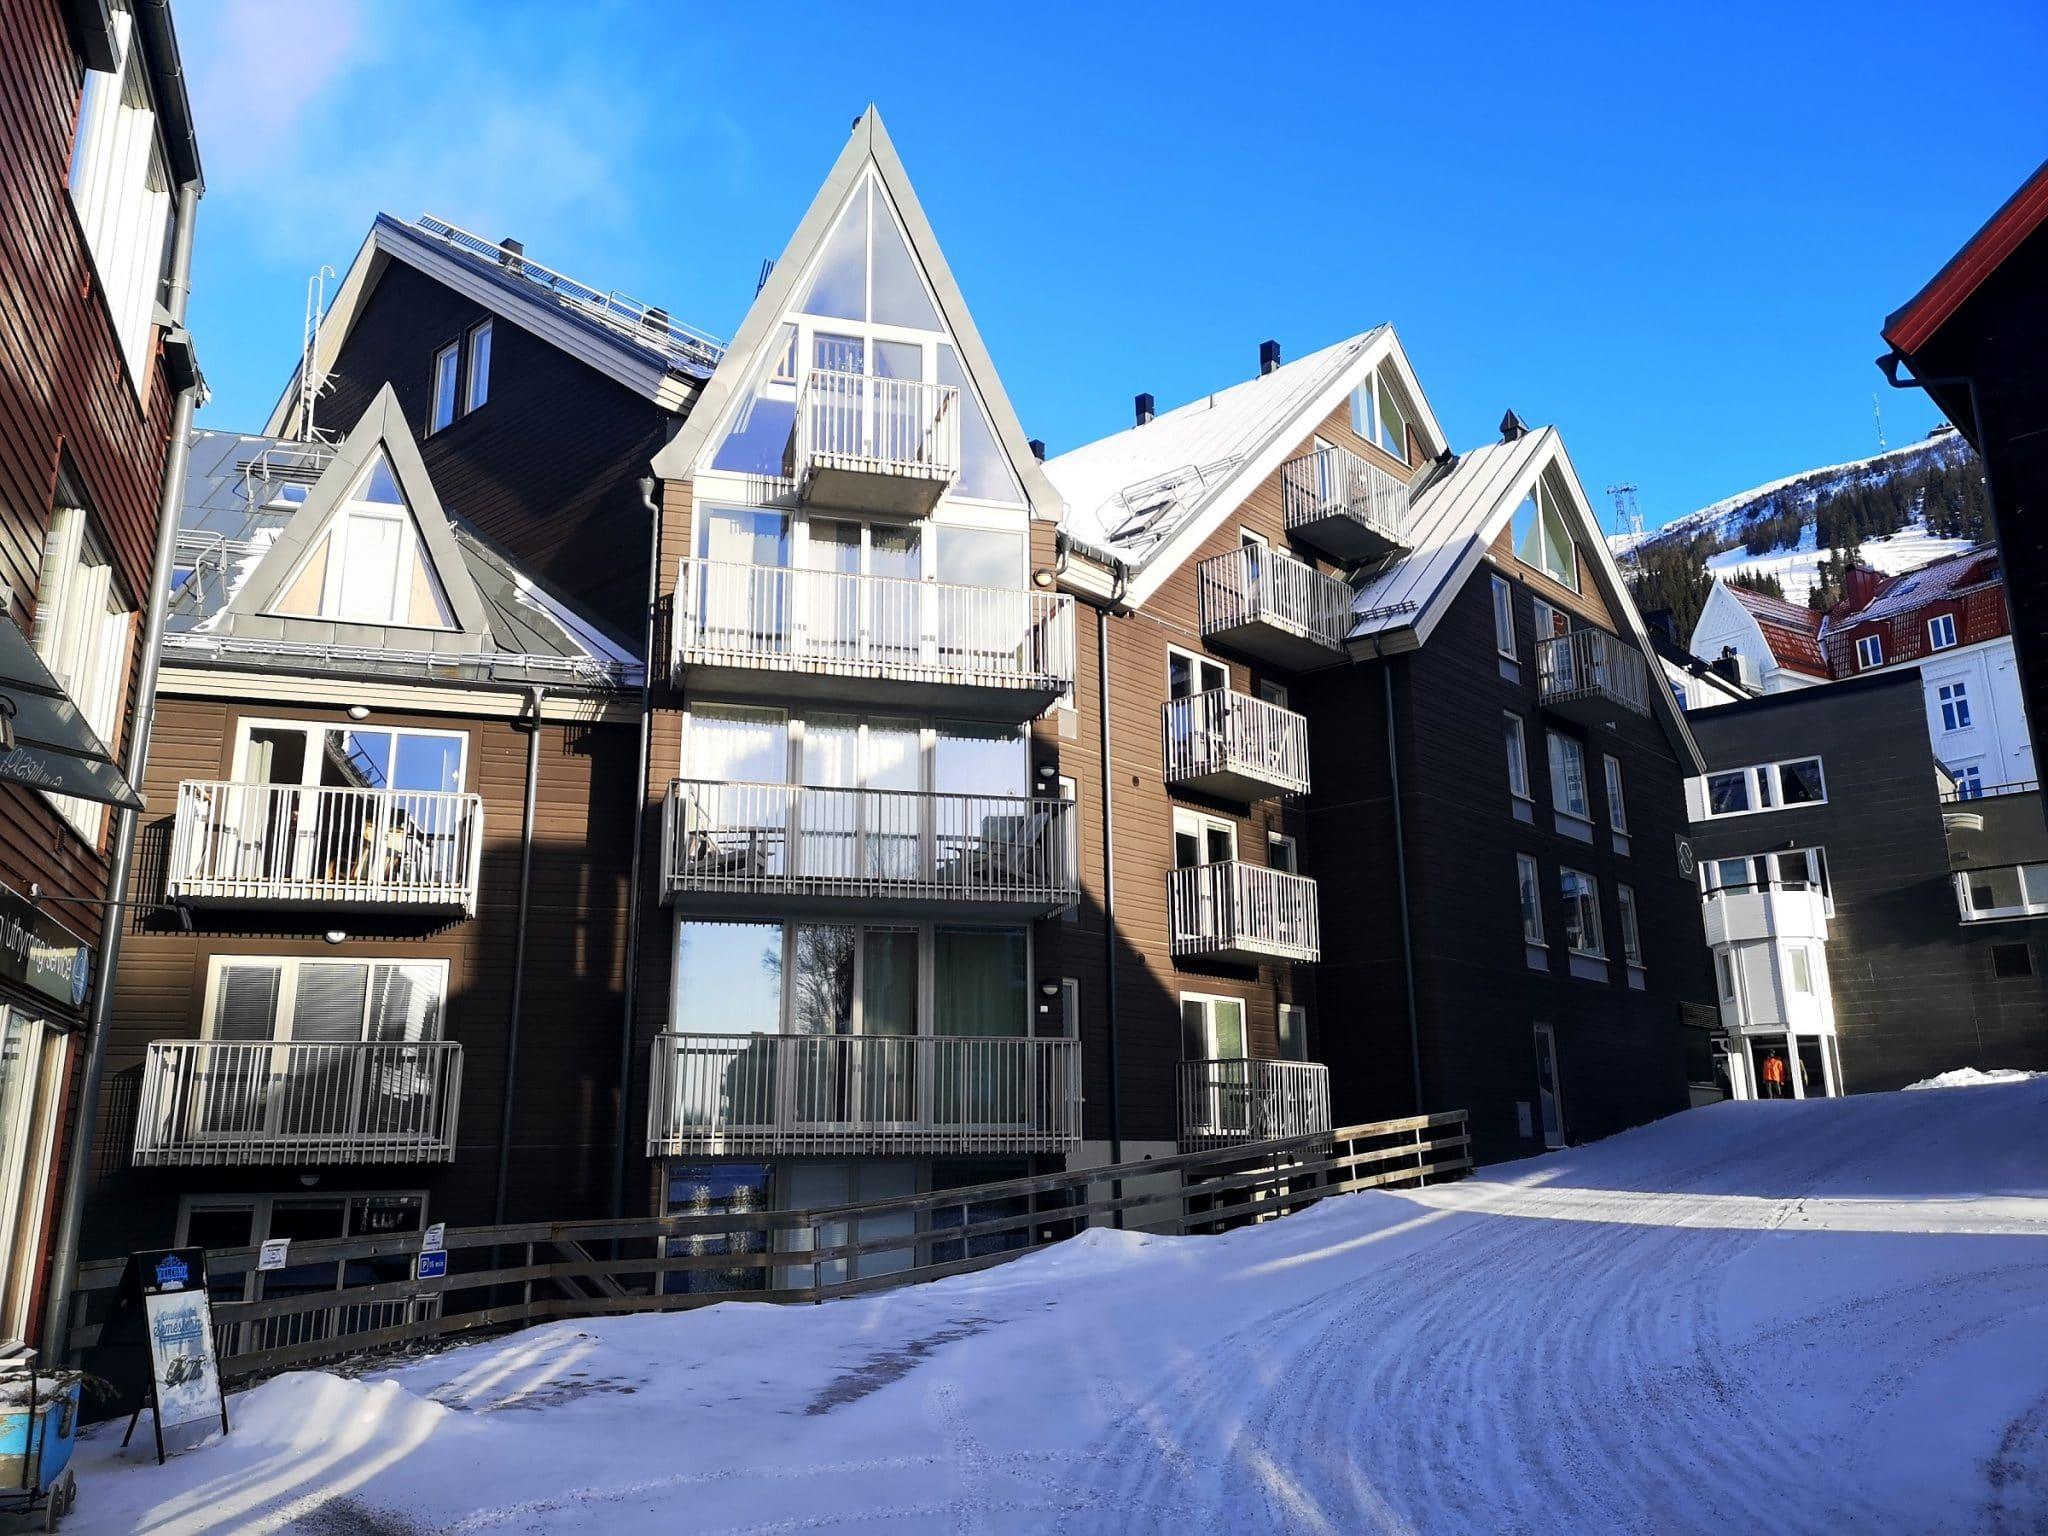 Dähliehuset Åre in winter